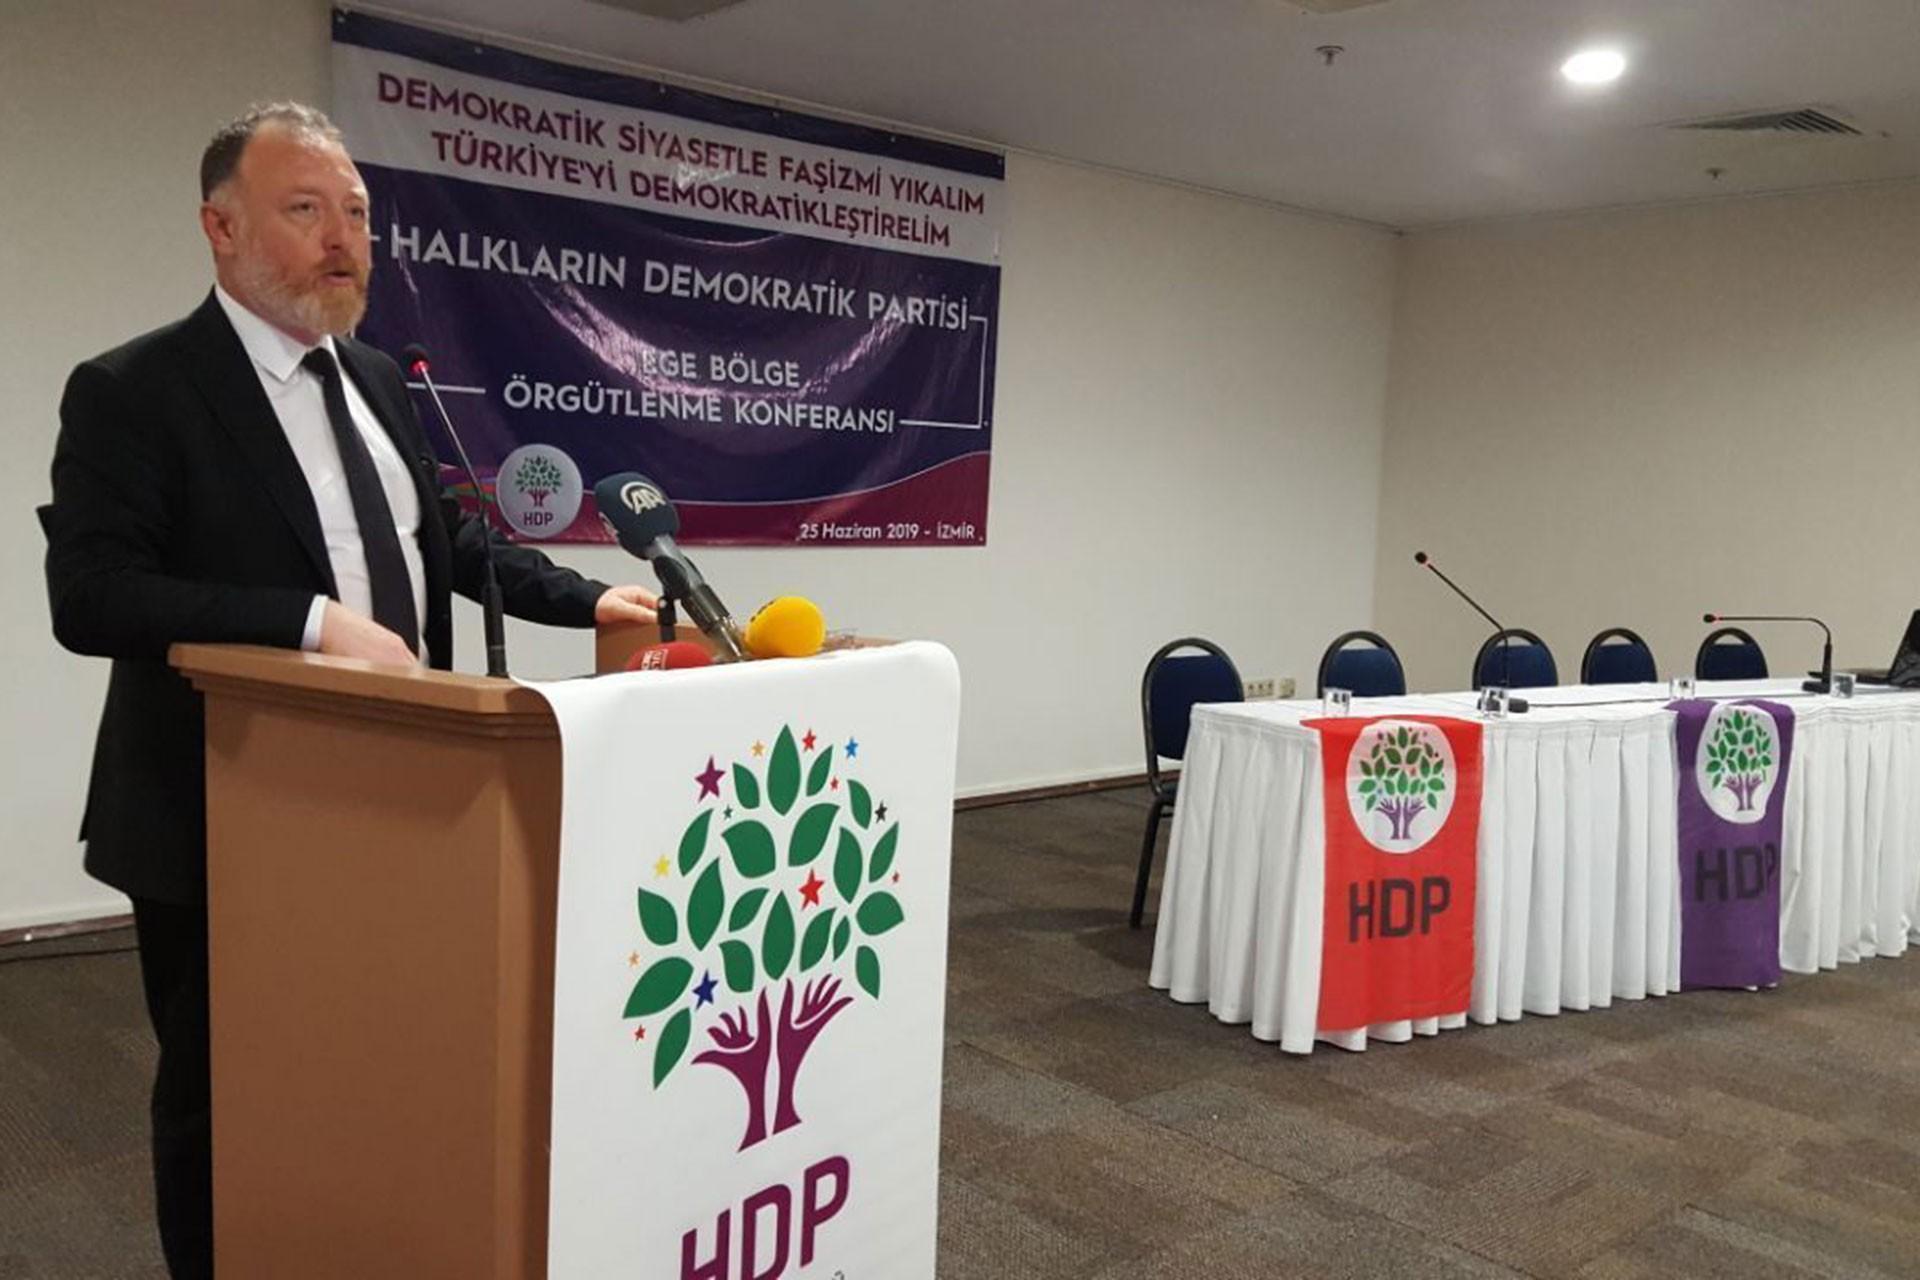 Sezai Temelli: Eşit yurttaşlık temelinde anayasa yapılmalı